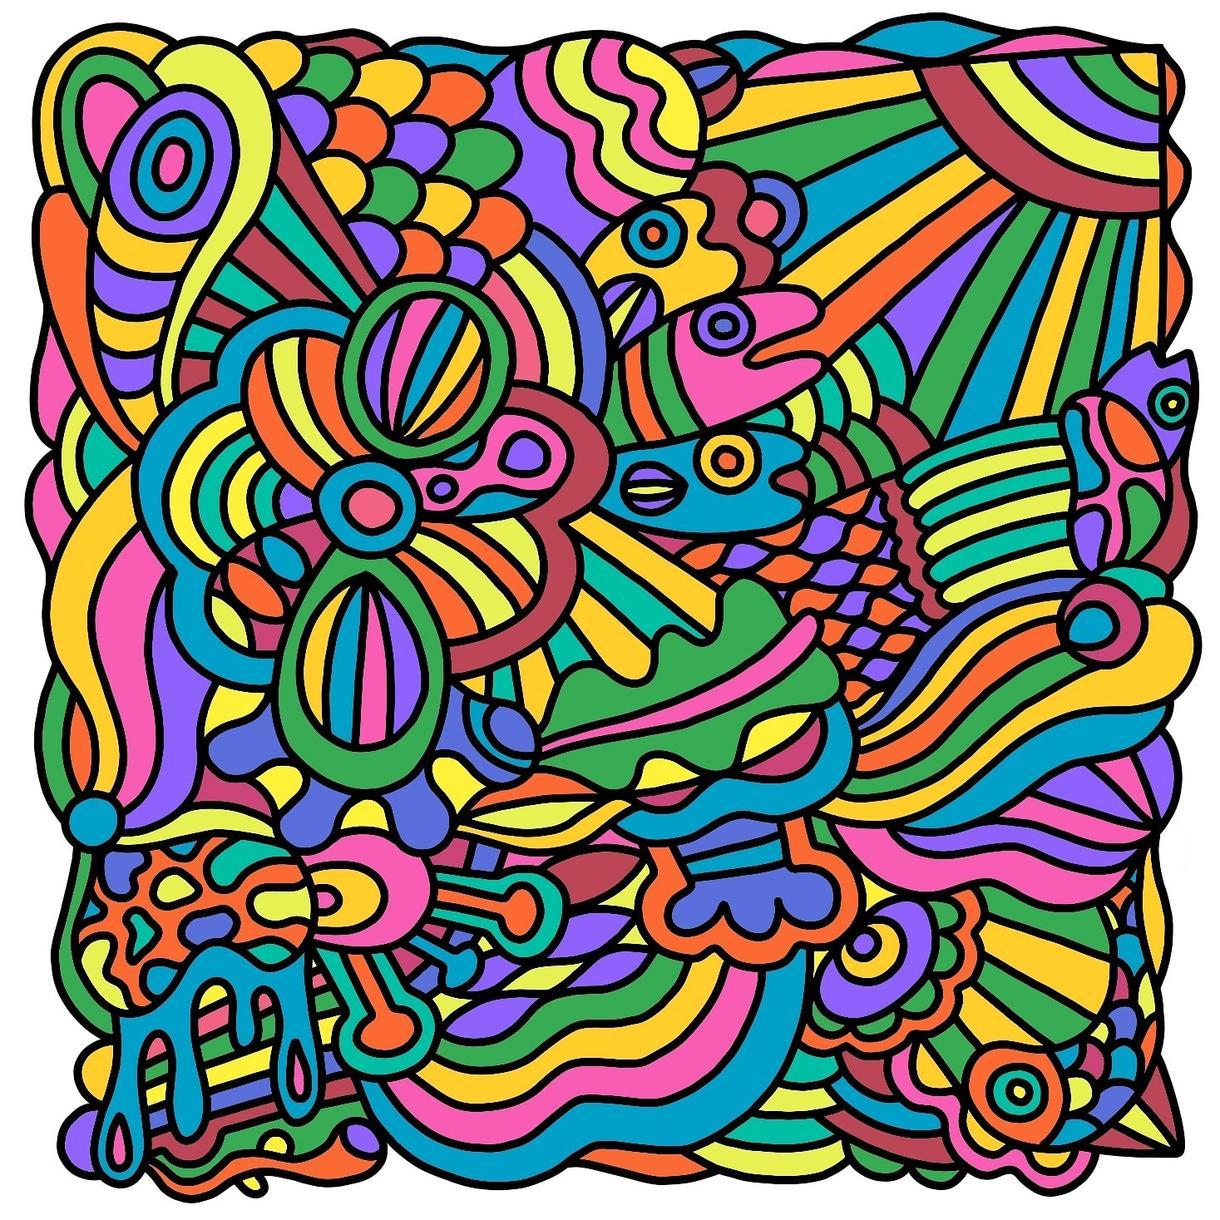 抽象画かきます カラフルで独特な絵柄を描いてます。